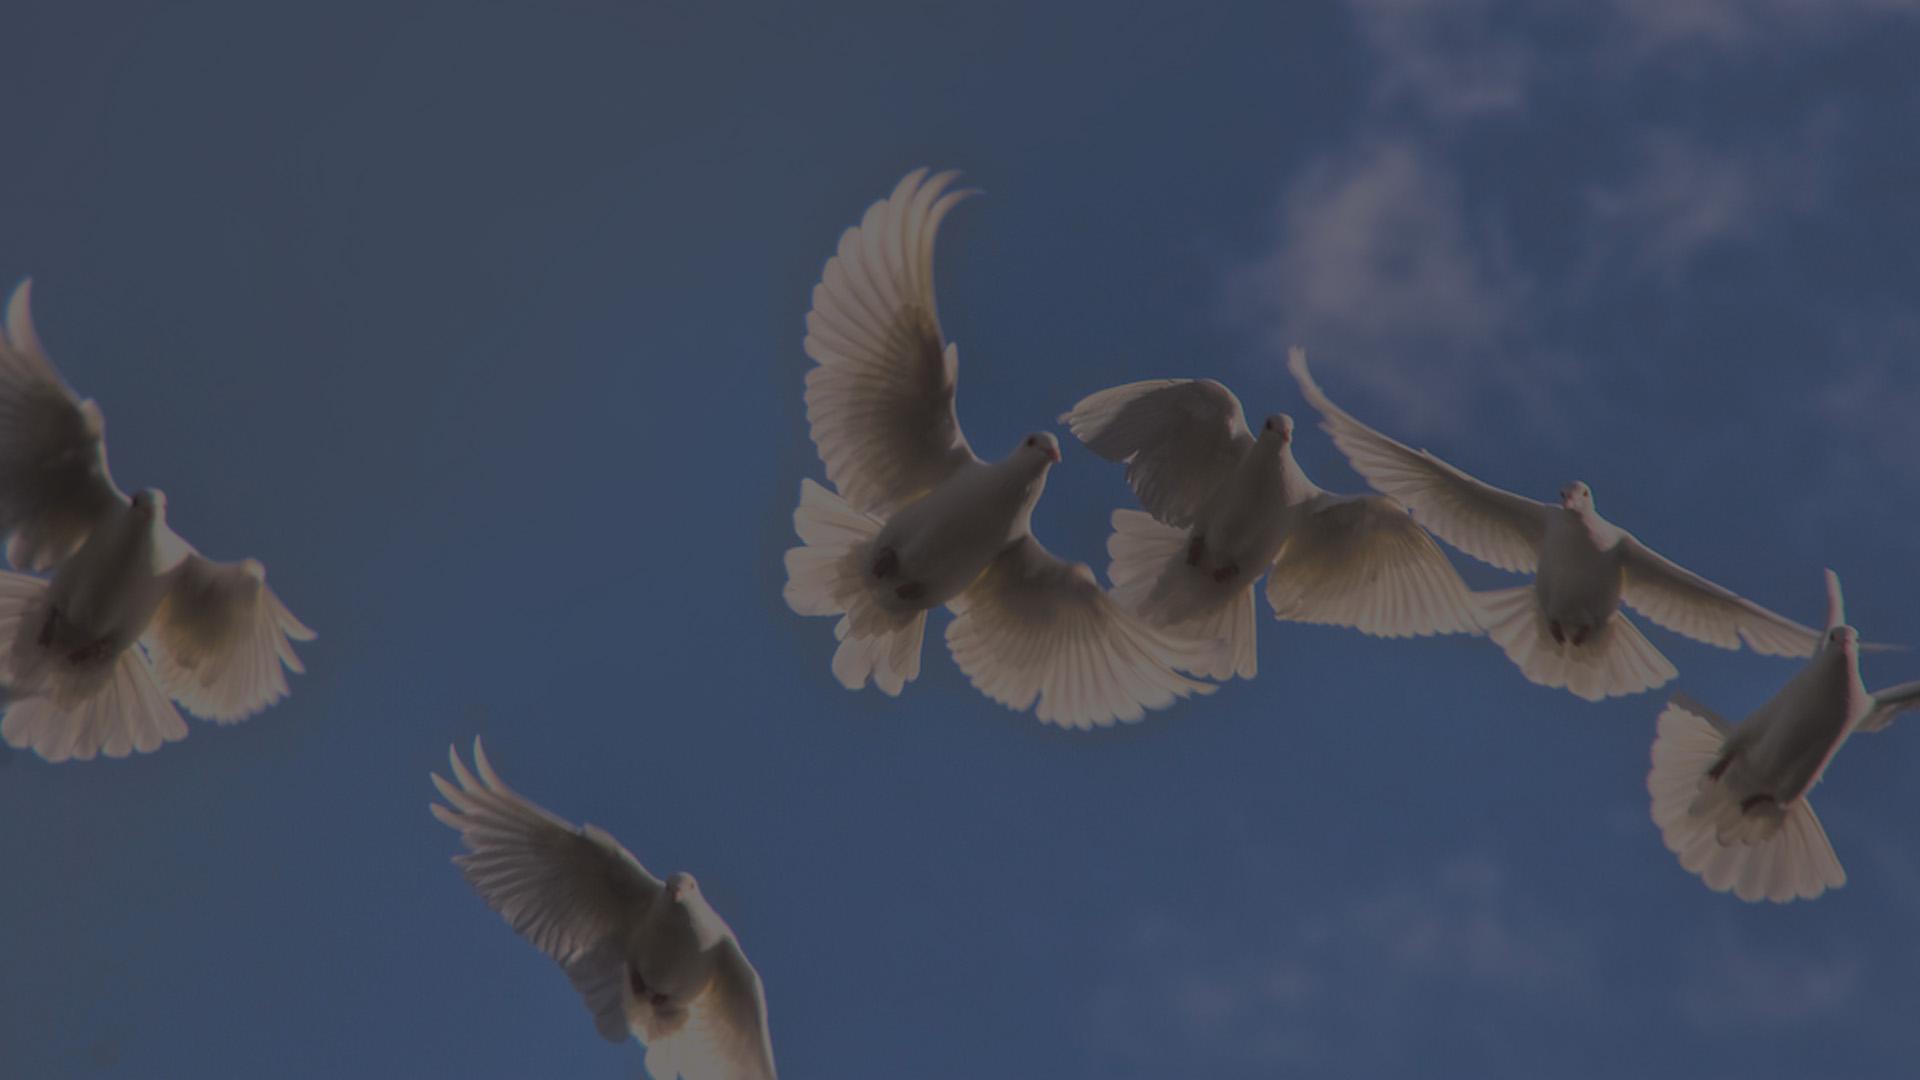 peace-dove-grey-tint-72dpi